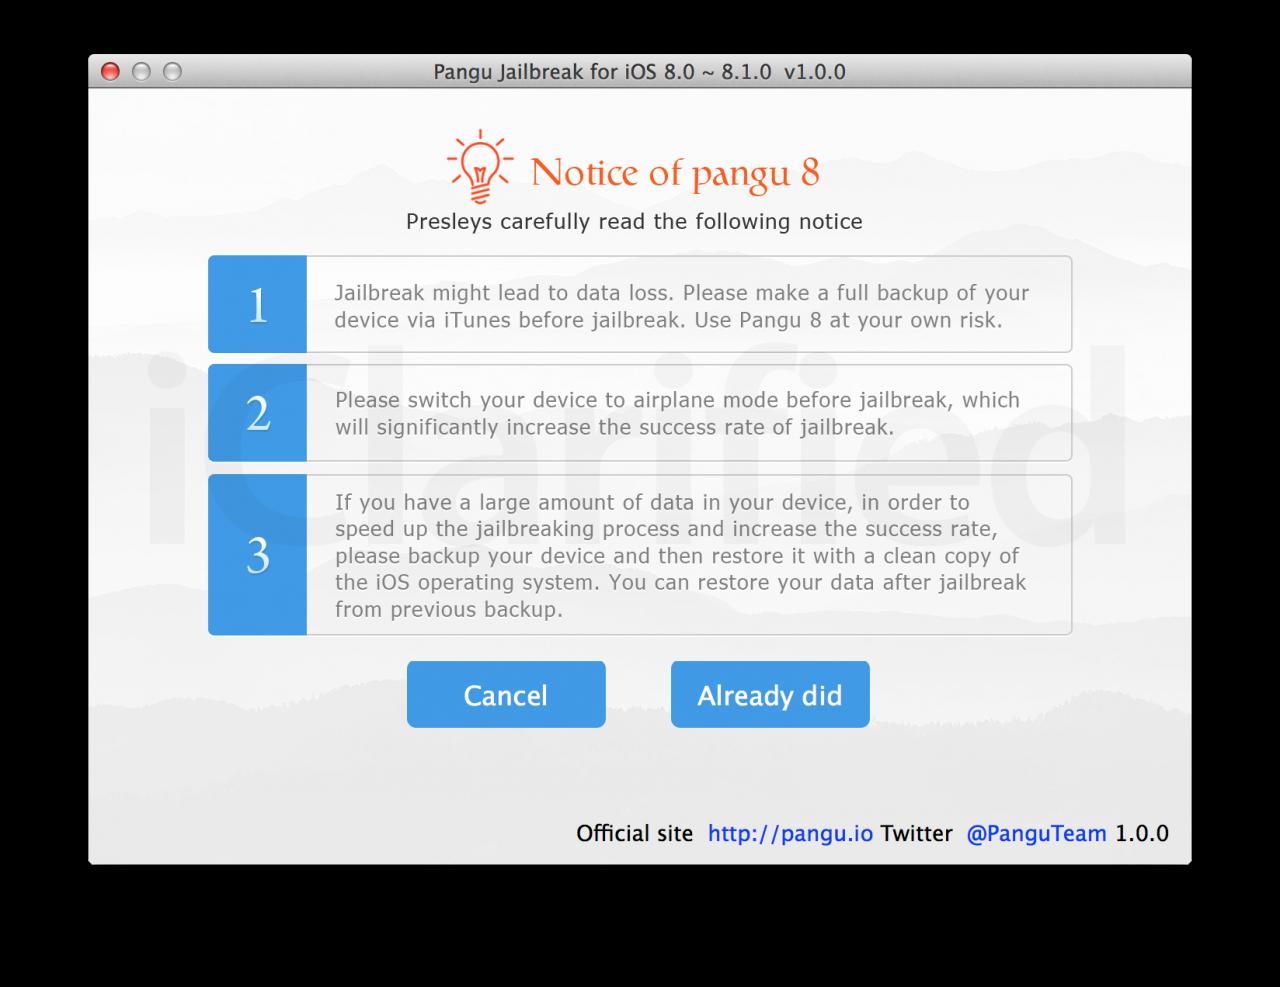 How to Jailbreak Your iPhone 6 Plus, 6, 5s, 5c, 5, 4s Using Pangu8